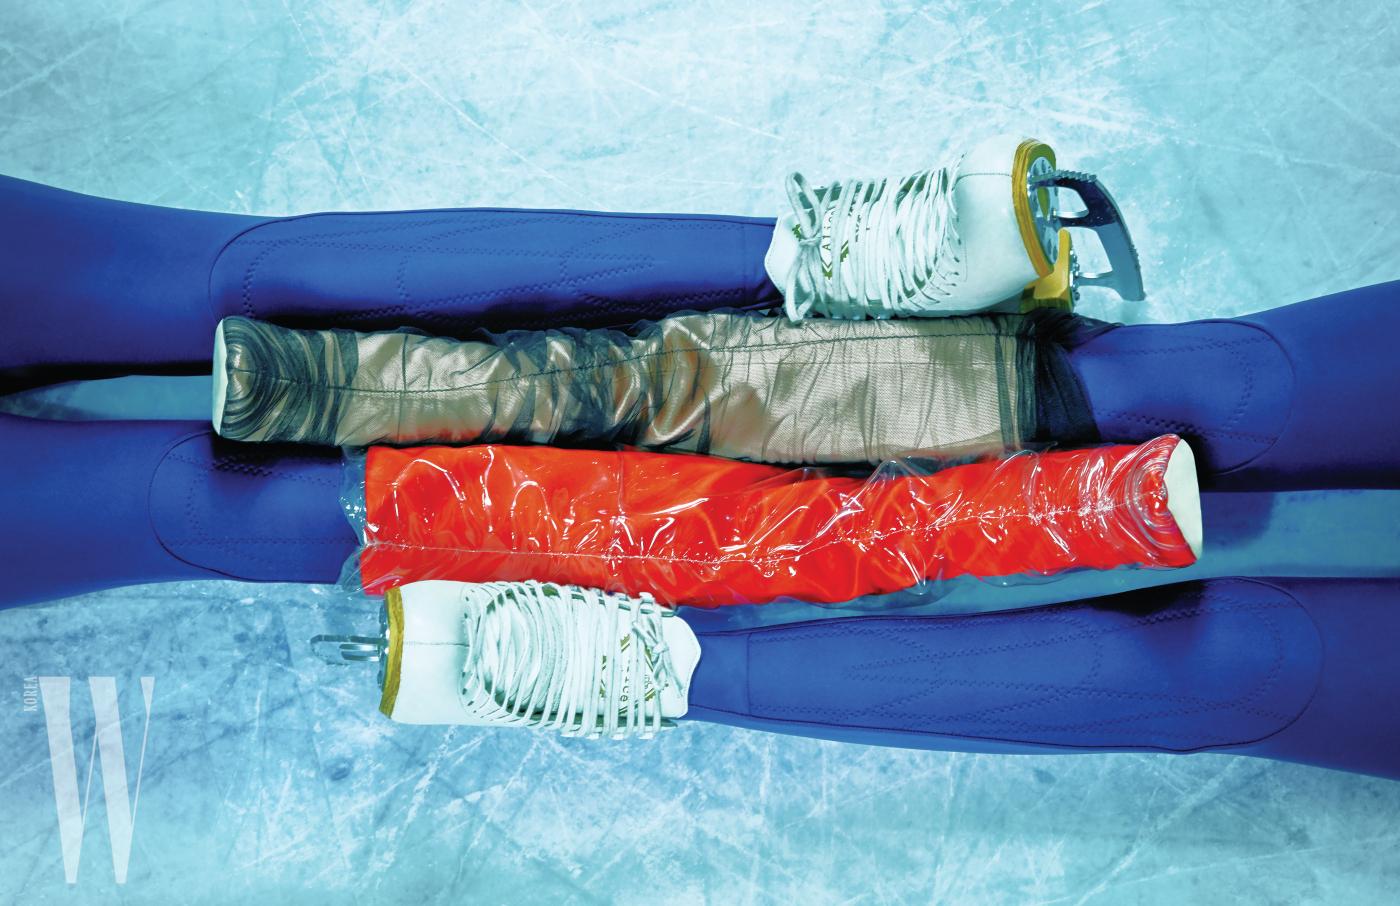 샤를 덧씌워 시스루 효과를 준 부츠와 PVC 소재를 덧씌운 새틴 부츠는 모두 지미추 x 오프화이트 제품. 가격 미정.